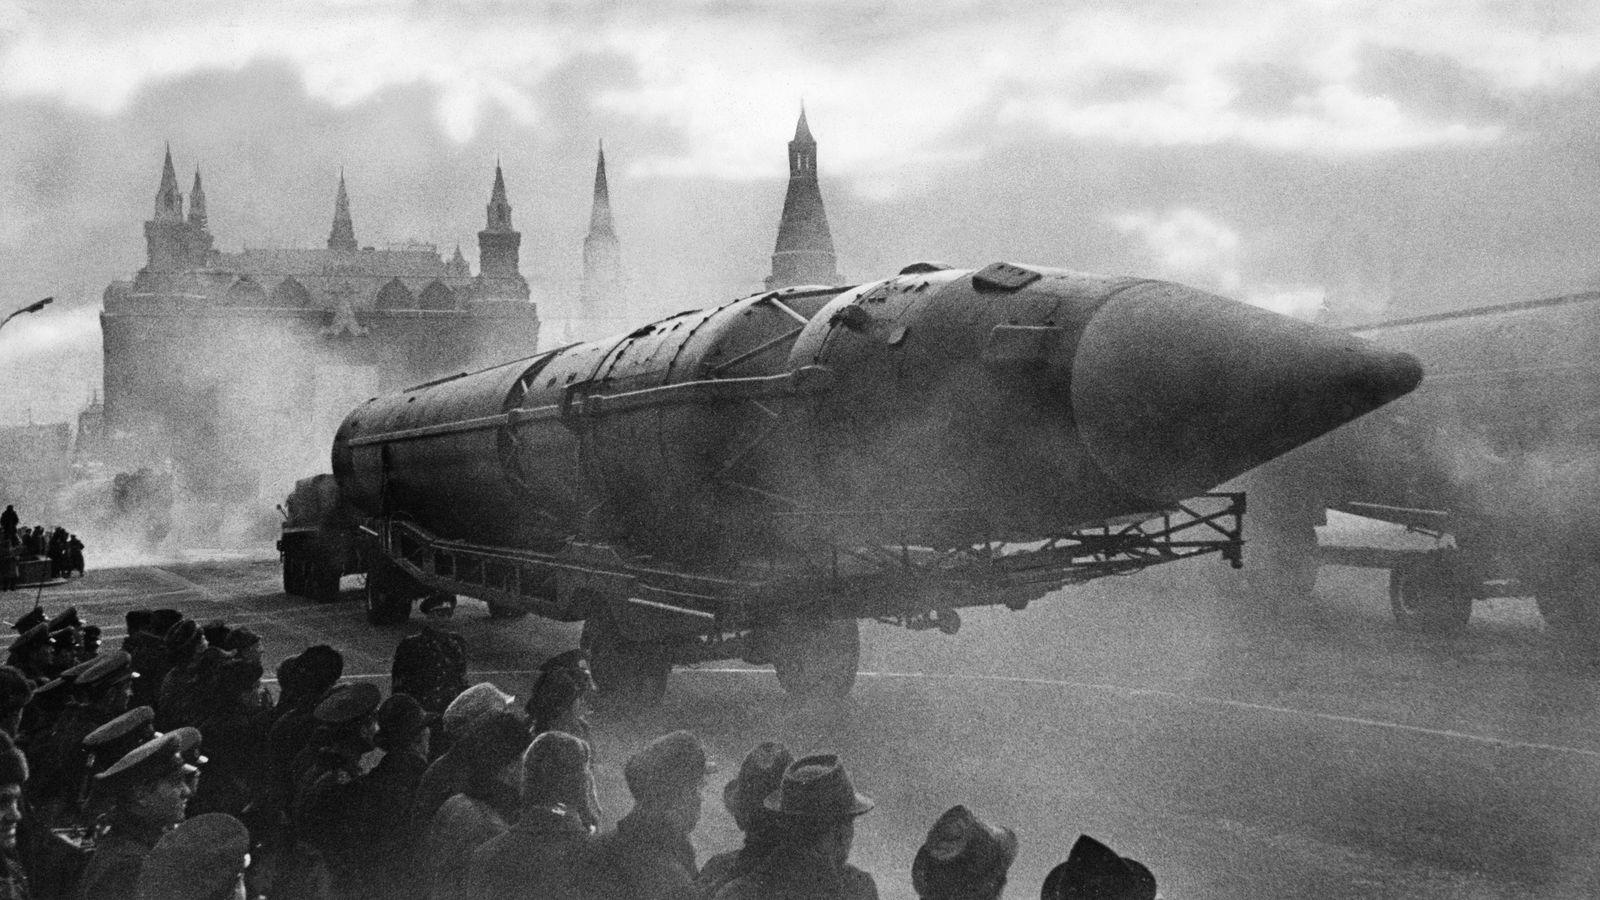 Diễu binh với tên lửa hạt nhân ở Moscow thời Chiến tranh Lạnh. Theo Harari thì loại vũ khí này thường được phô ra nhưng không bao giờ được bắn. Ảnh: Getty Images.